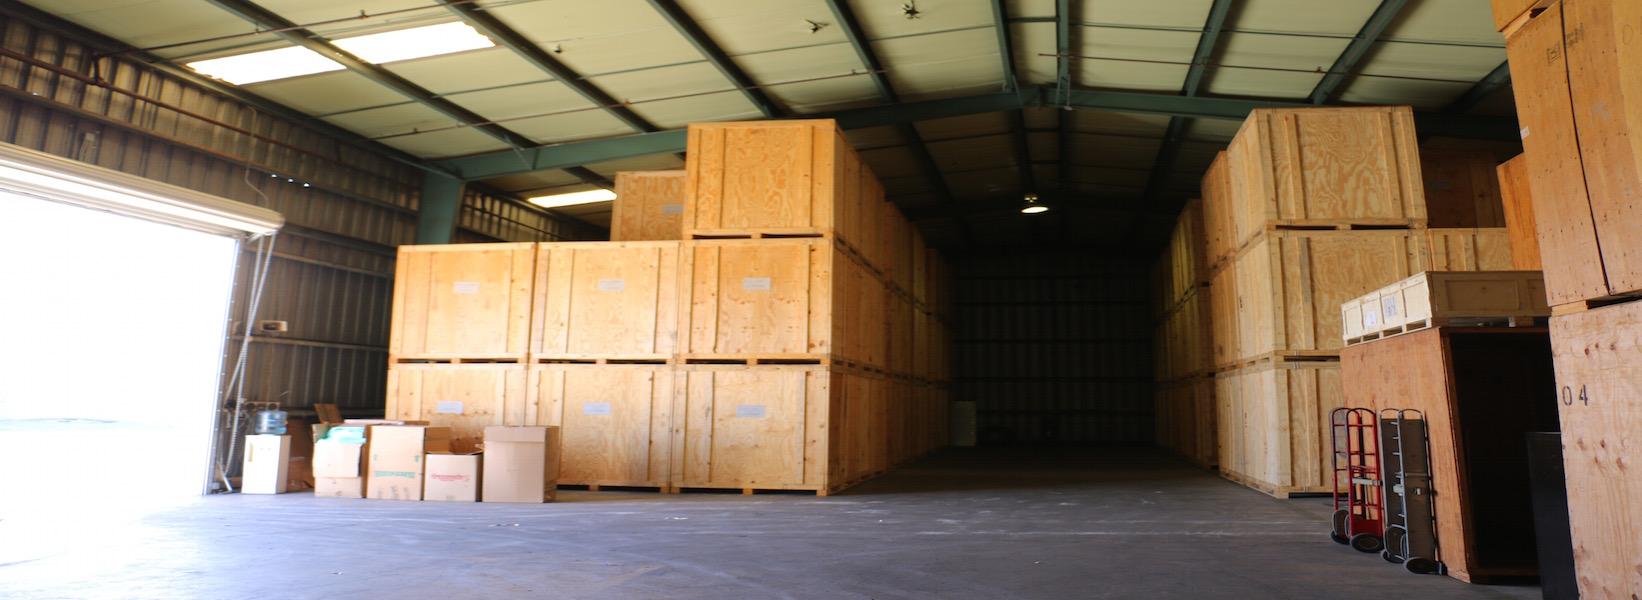 movingcommercial.jpg